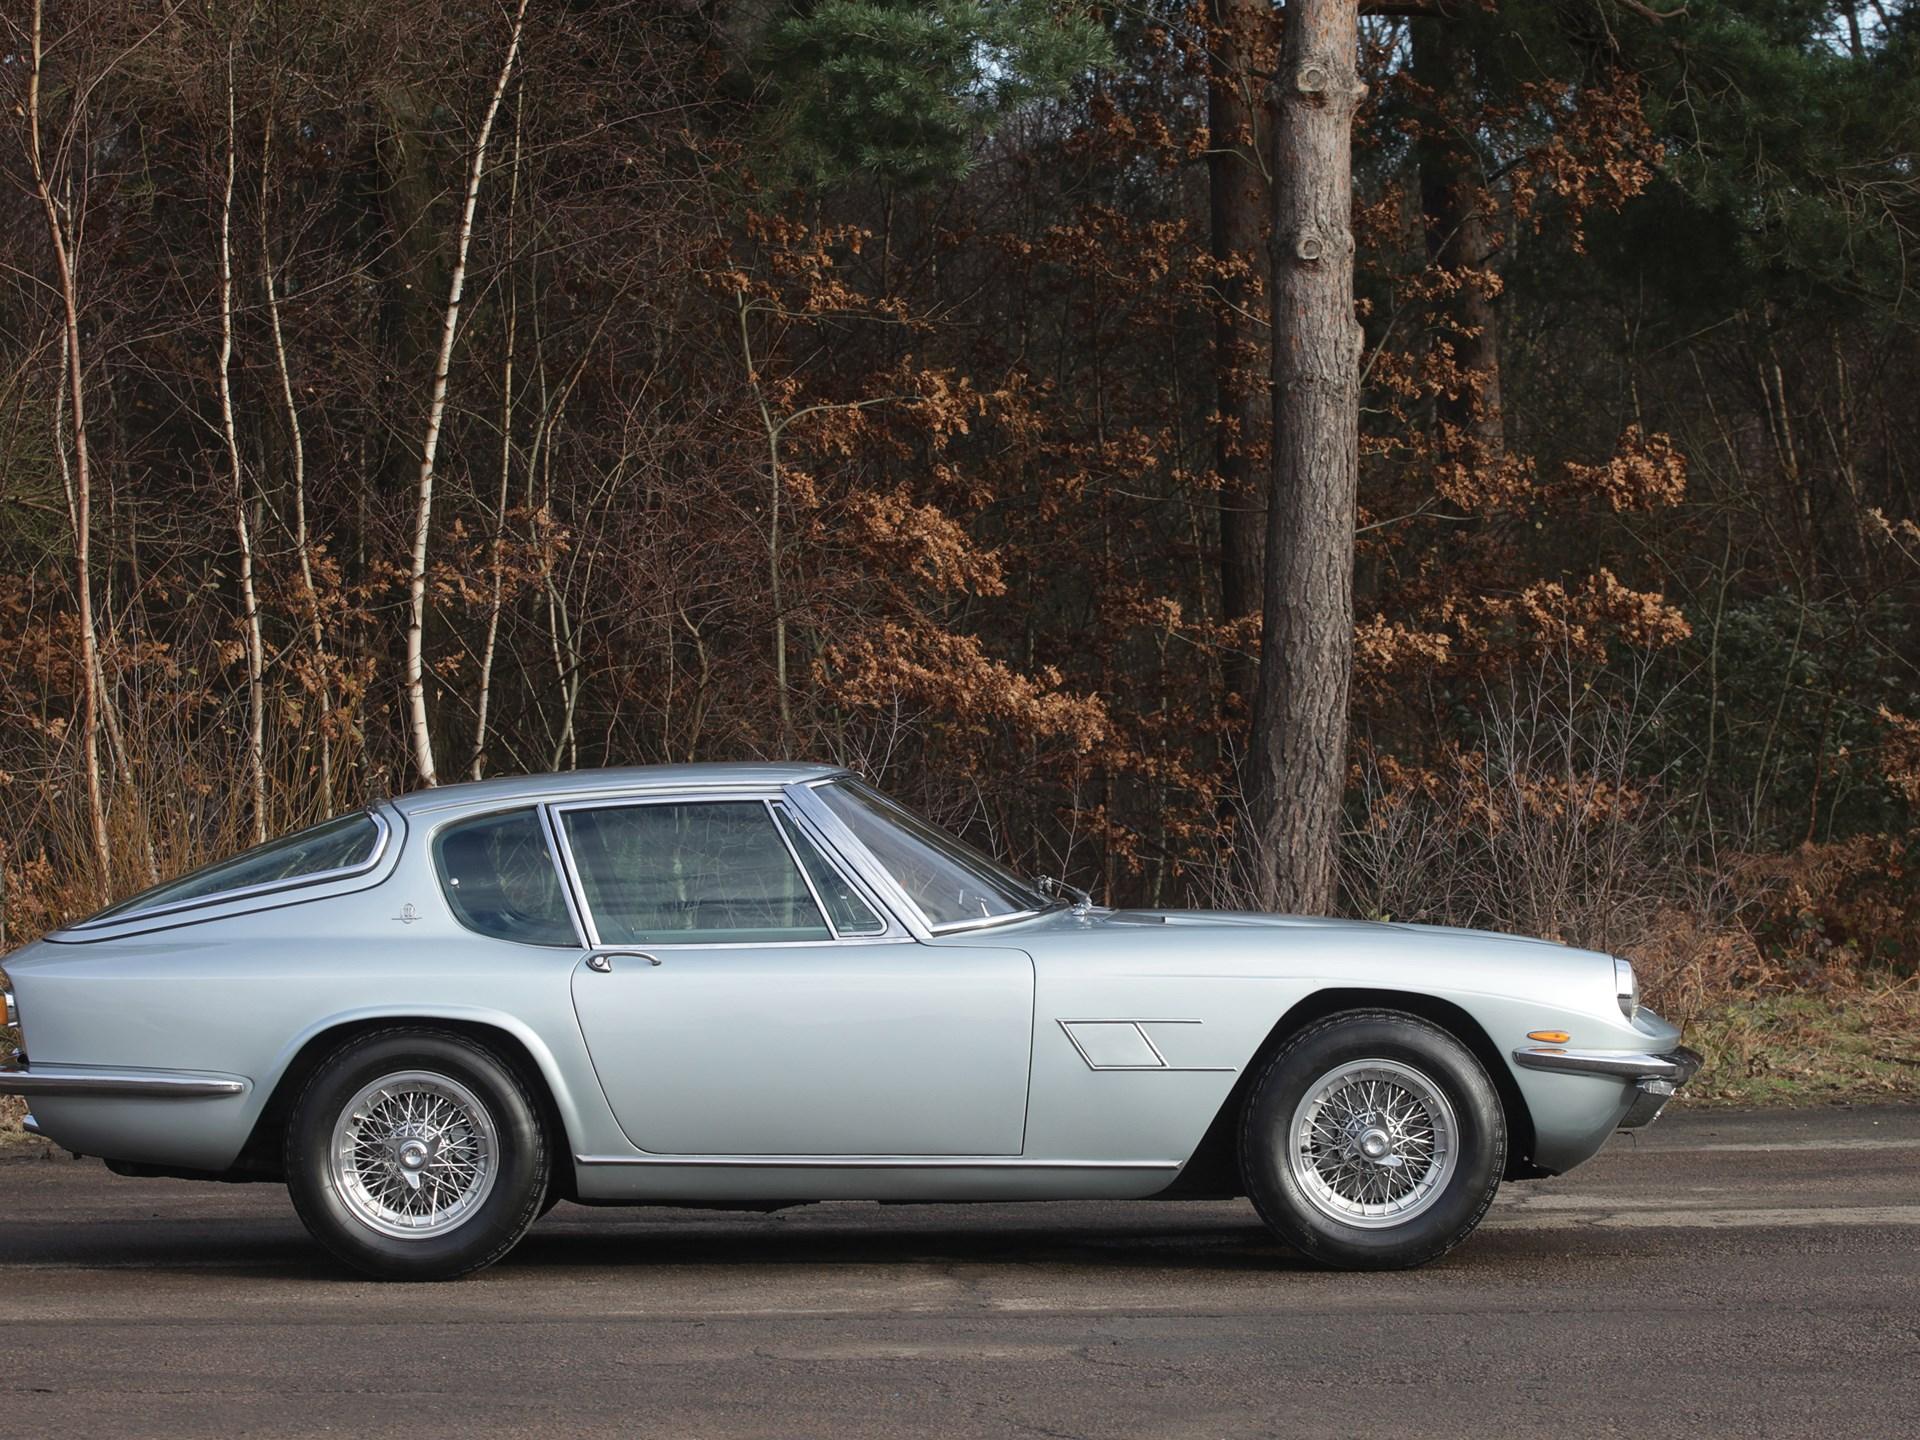 RM Sotheby's - 1969 Maserati Mistral 4.0 Coupé | Paris 2015